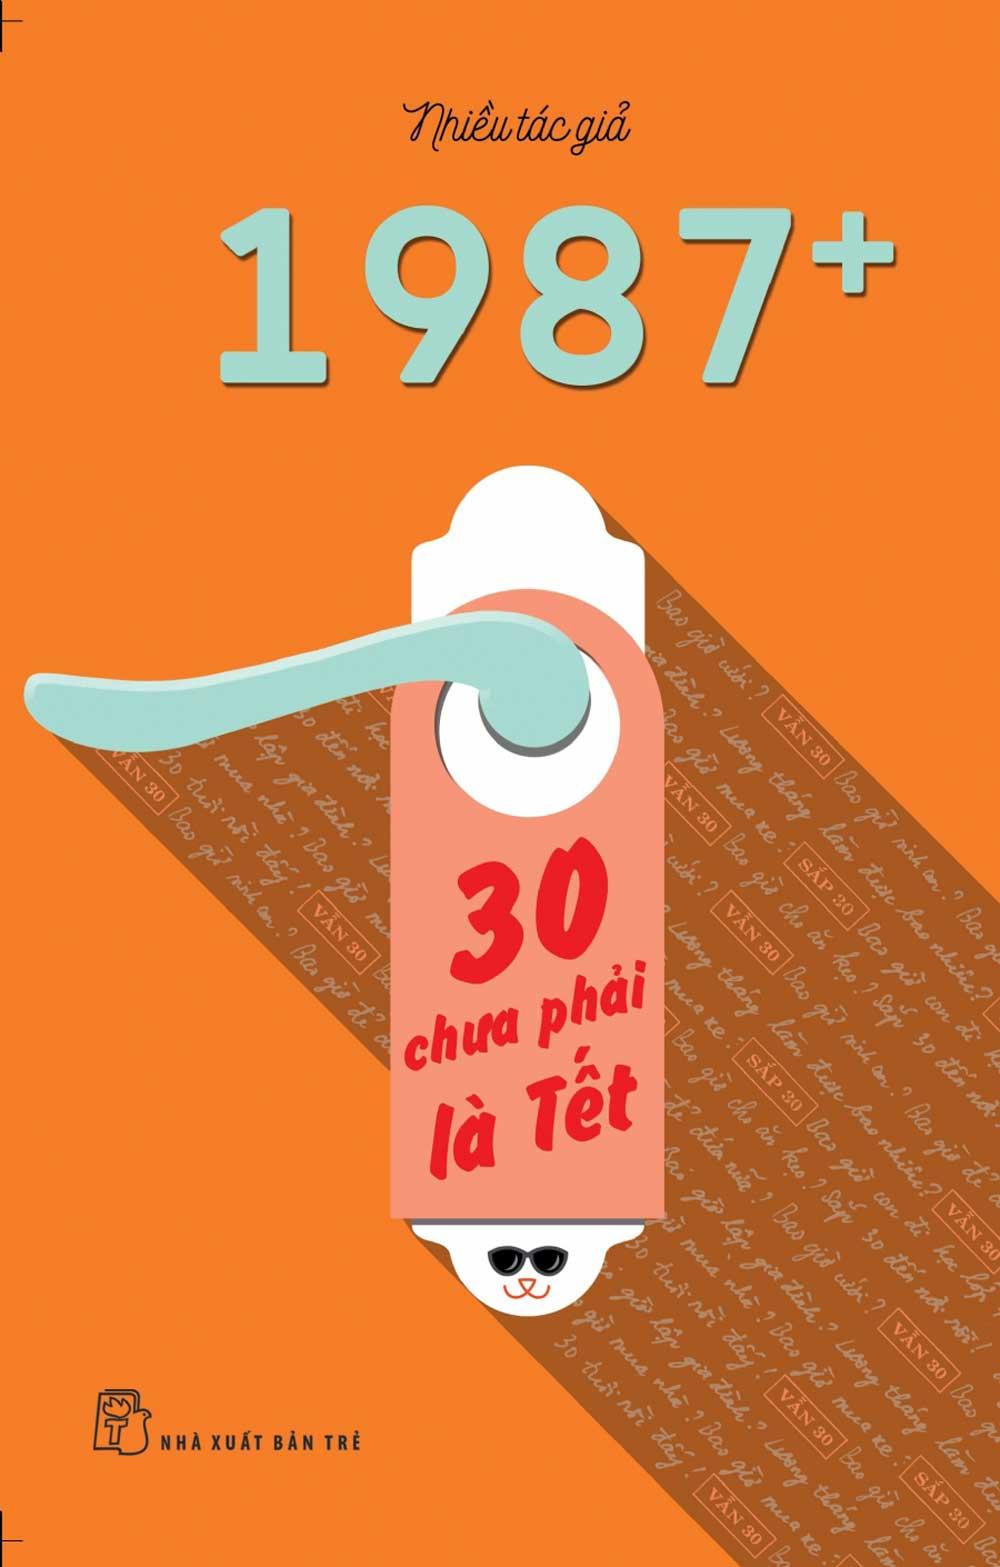 1987+: 30 Chưa Phải Là Tết - EBOOK/PDF/PRC/EPUB